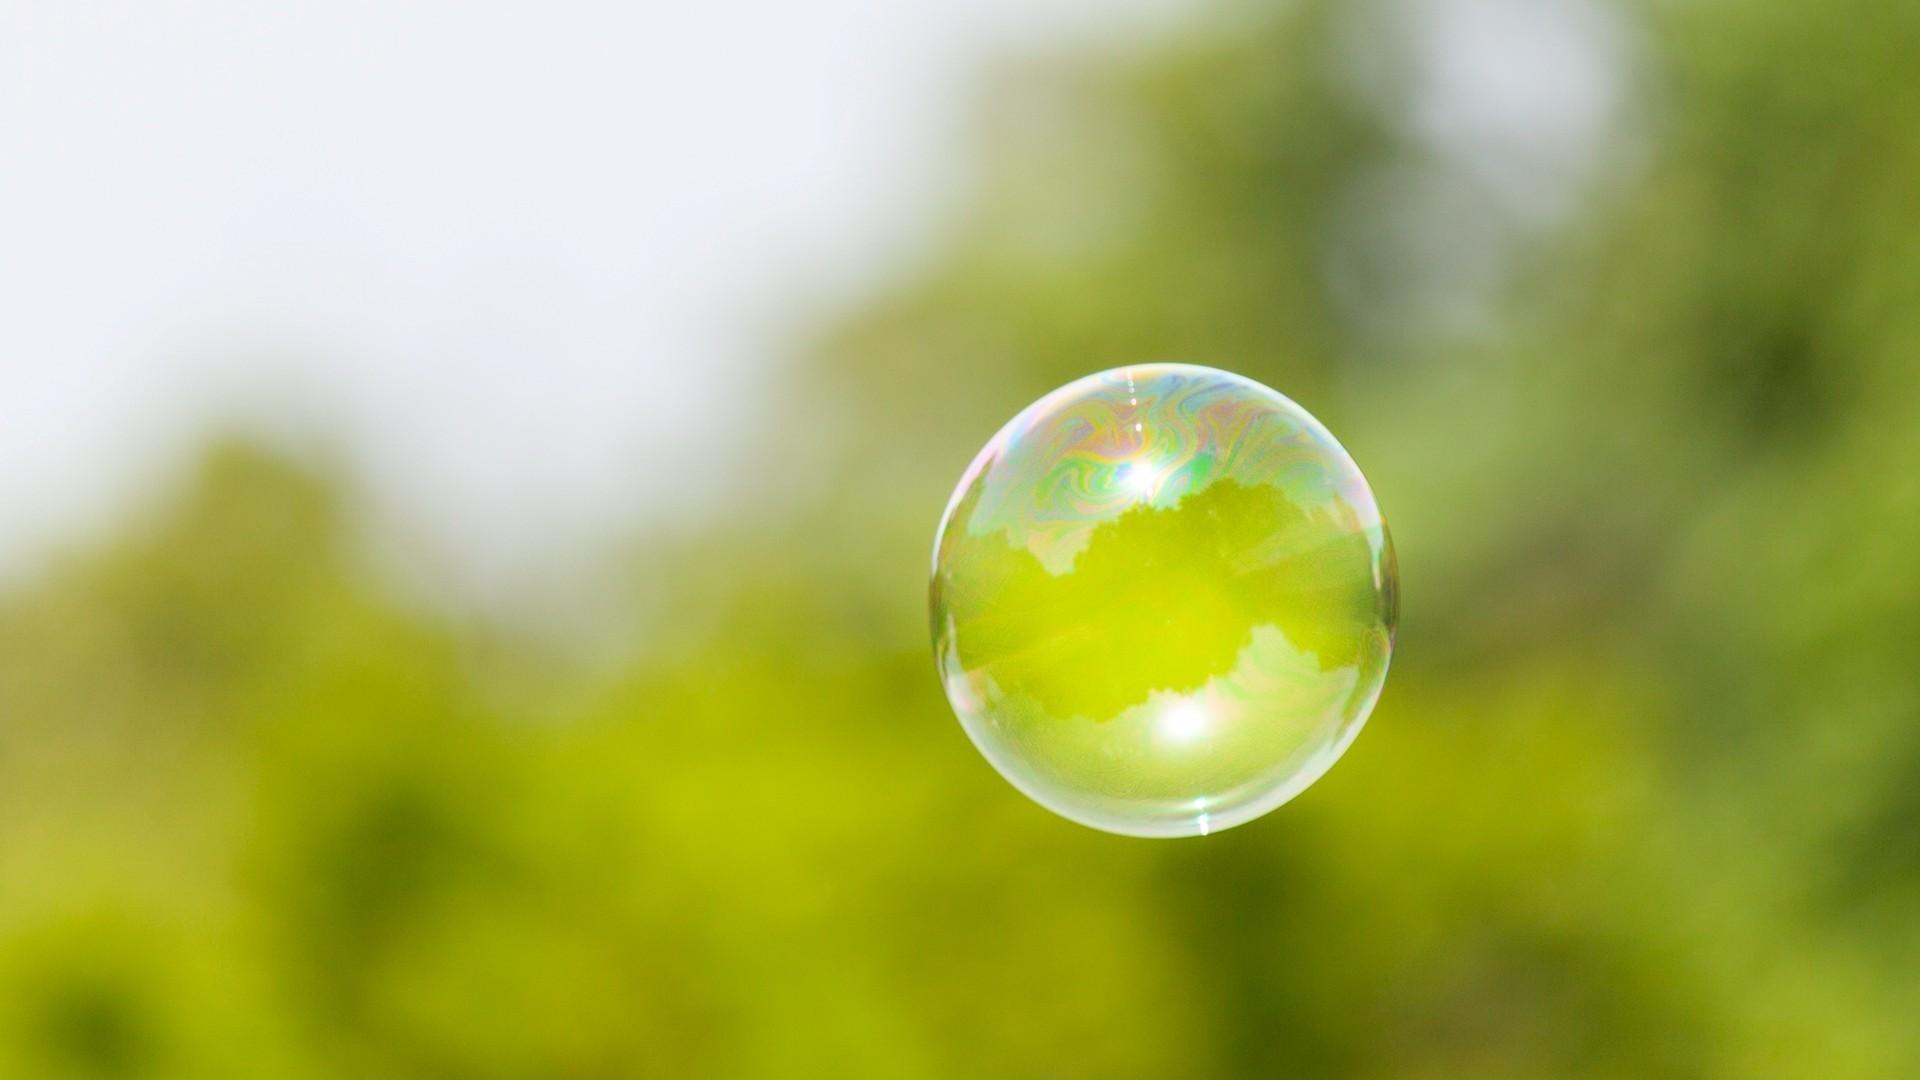 утро морскими мыльные пузыри картинки на рабочий стол мнению художественных